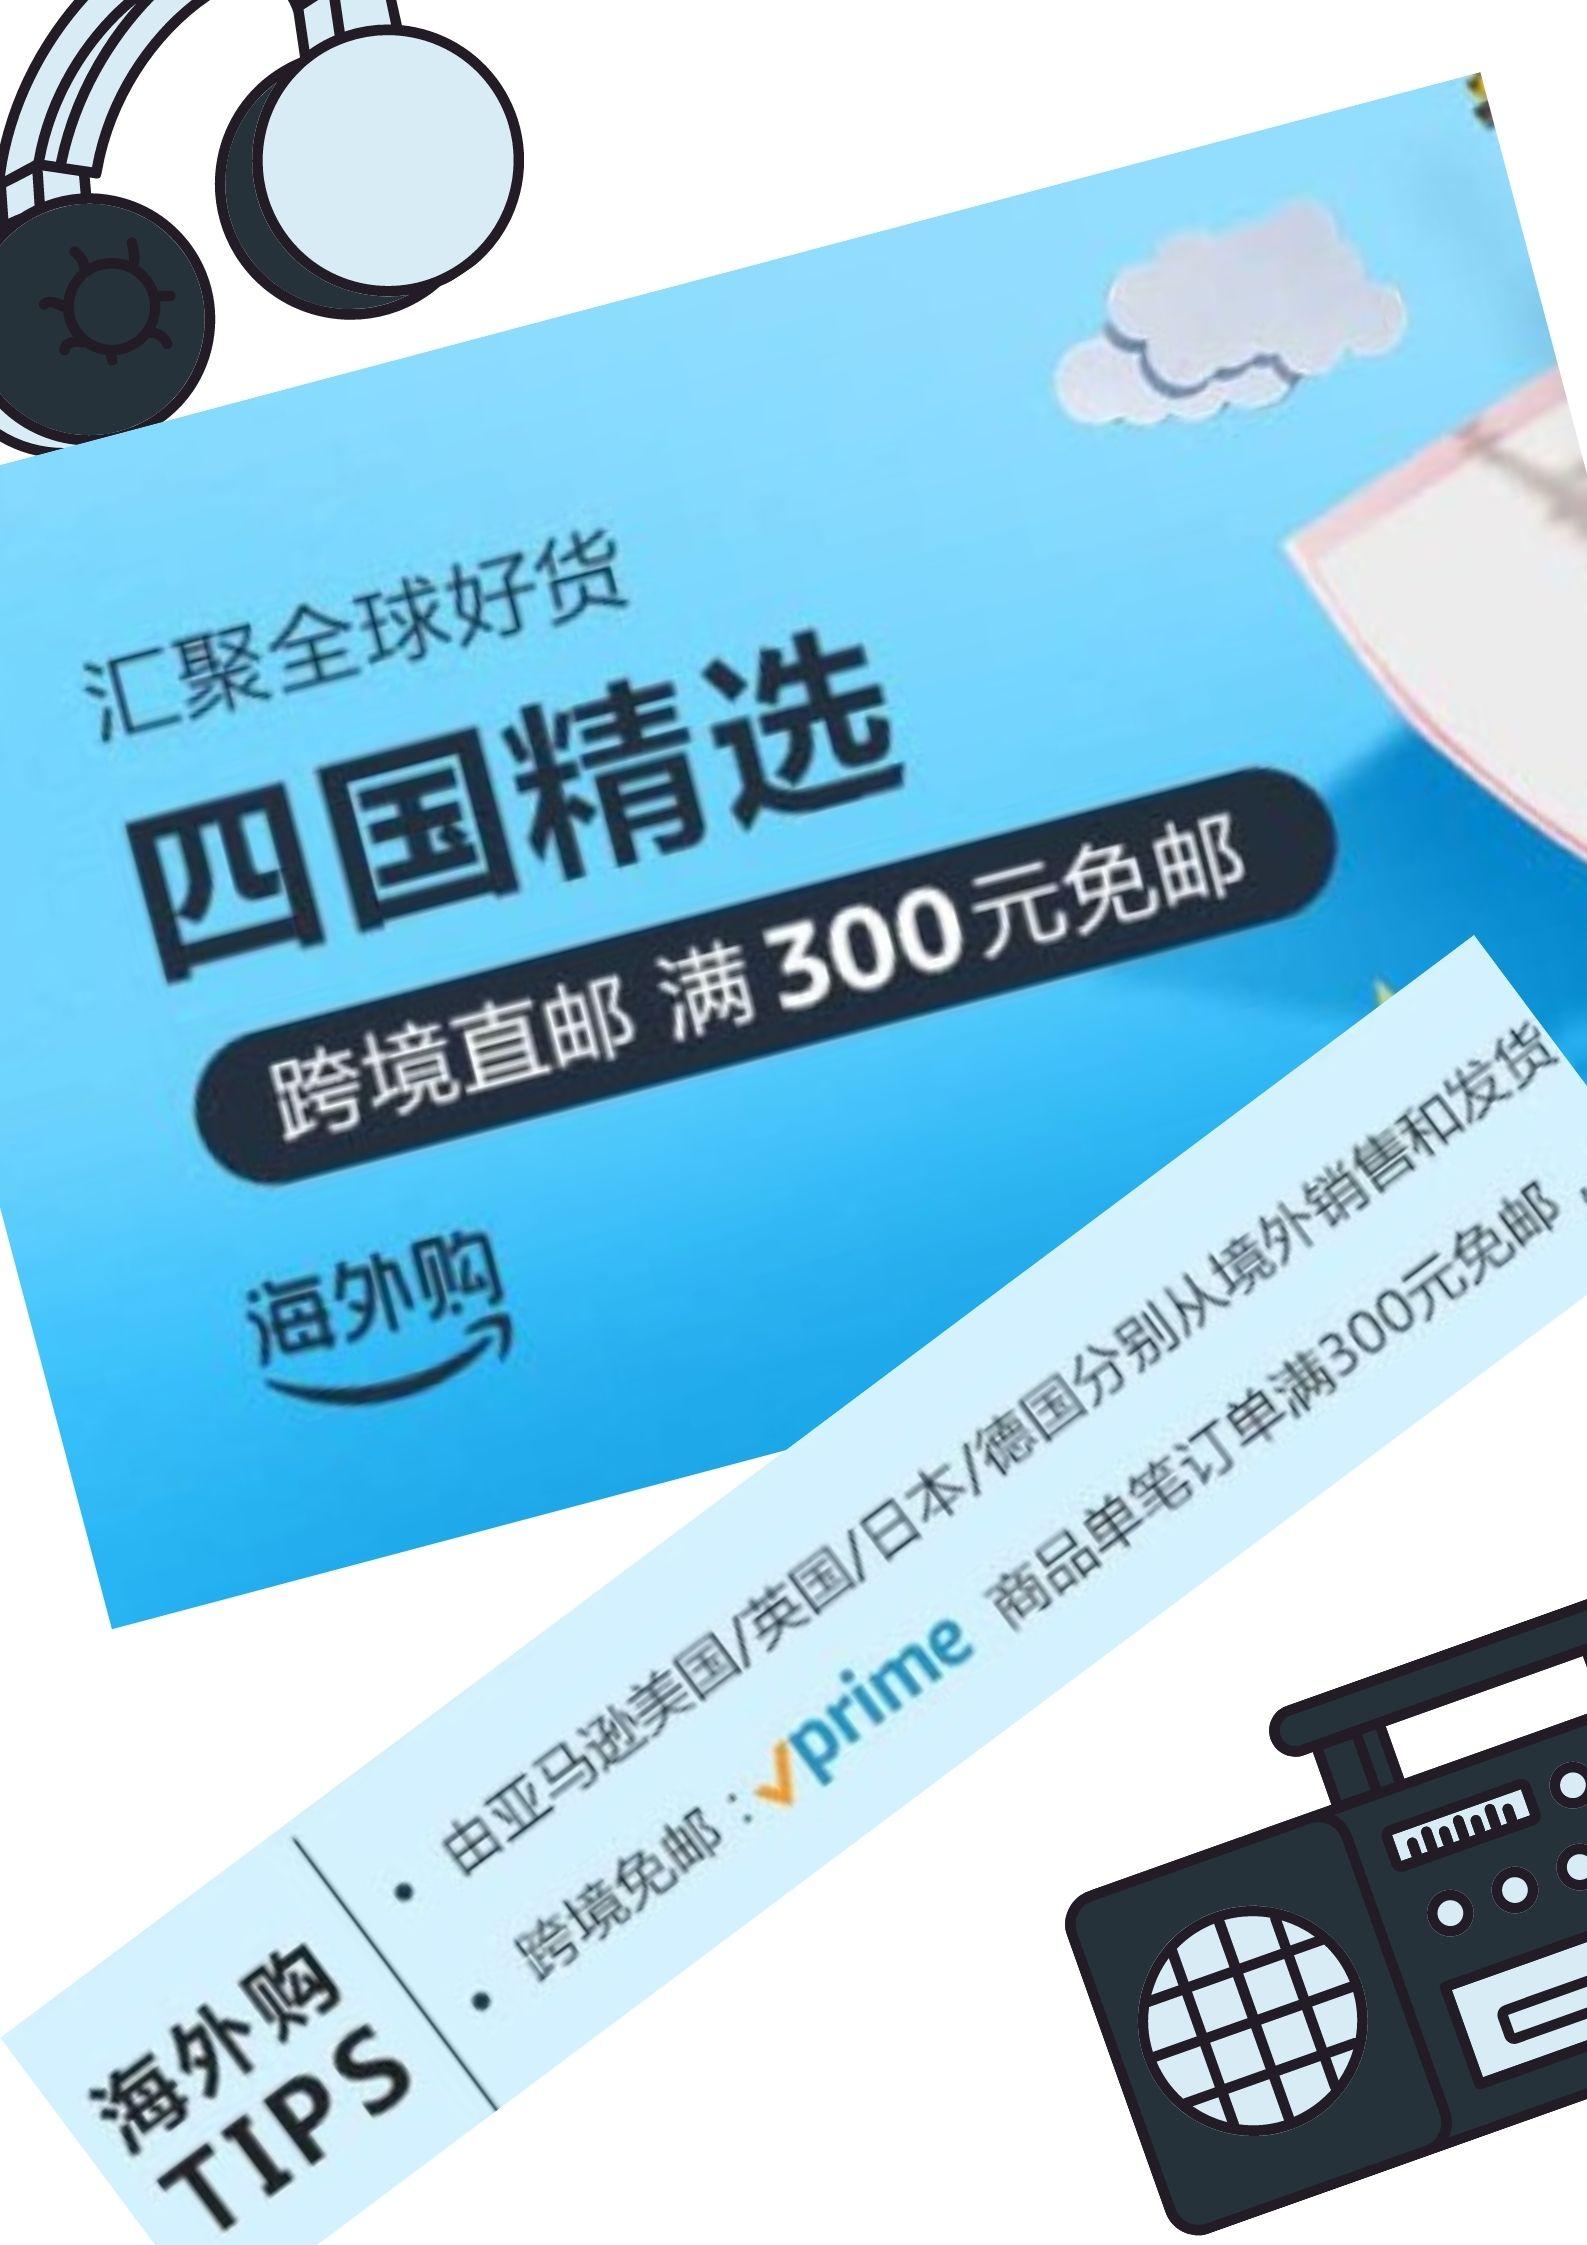 亚马逊海外购Tips:汇聚全球好货,境外销售发货,跨境满300元包邮